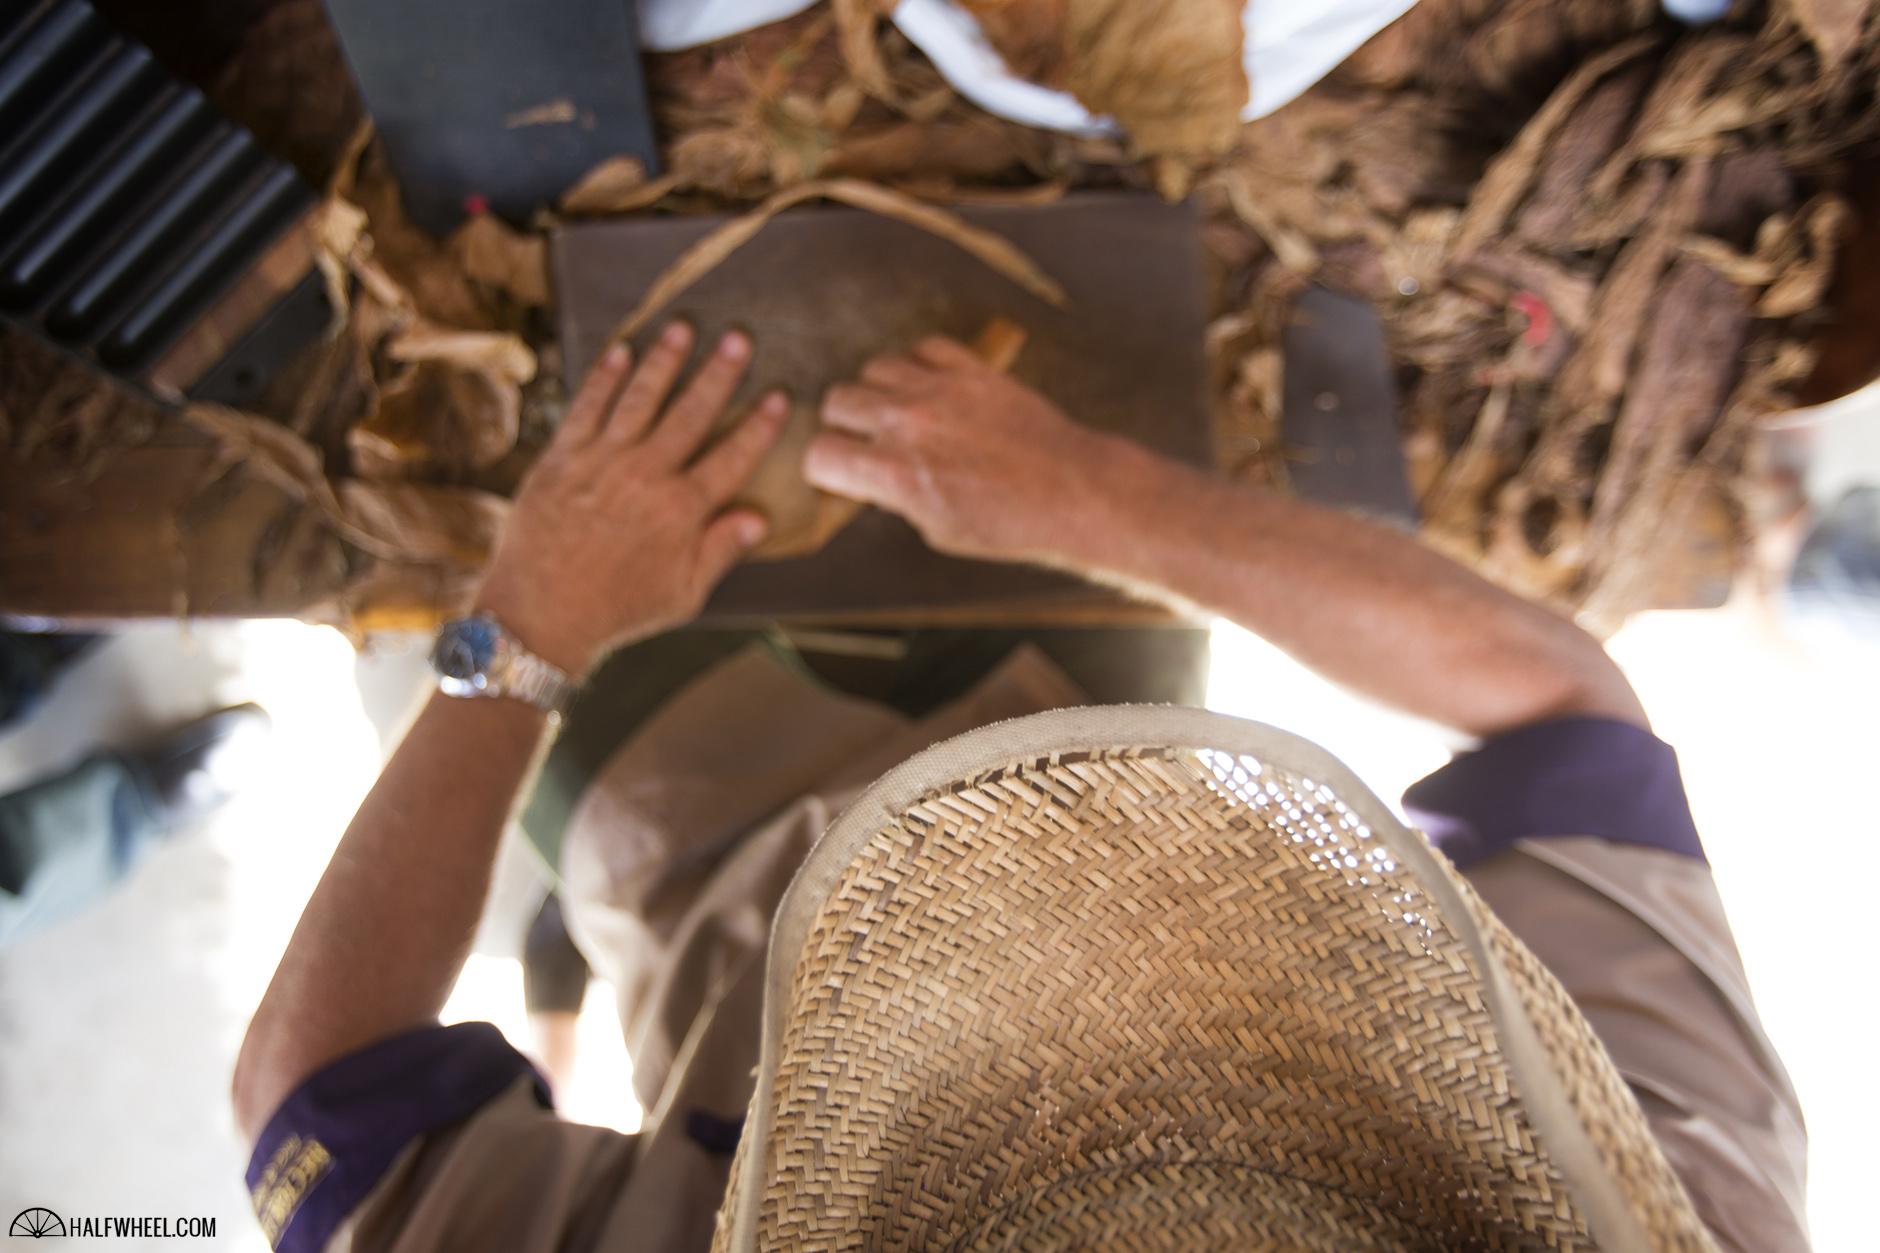 Festival del Habano XIX Day 2 Hector Luis Prieto Farm Custom Roller